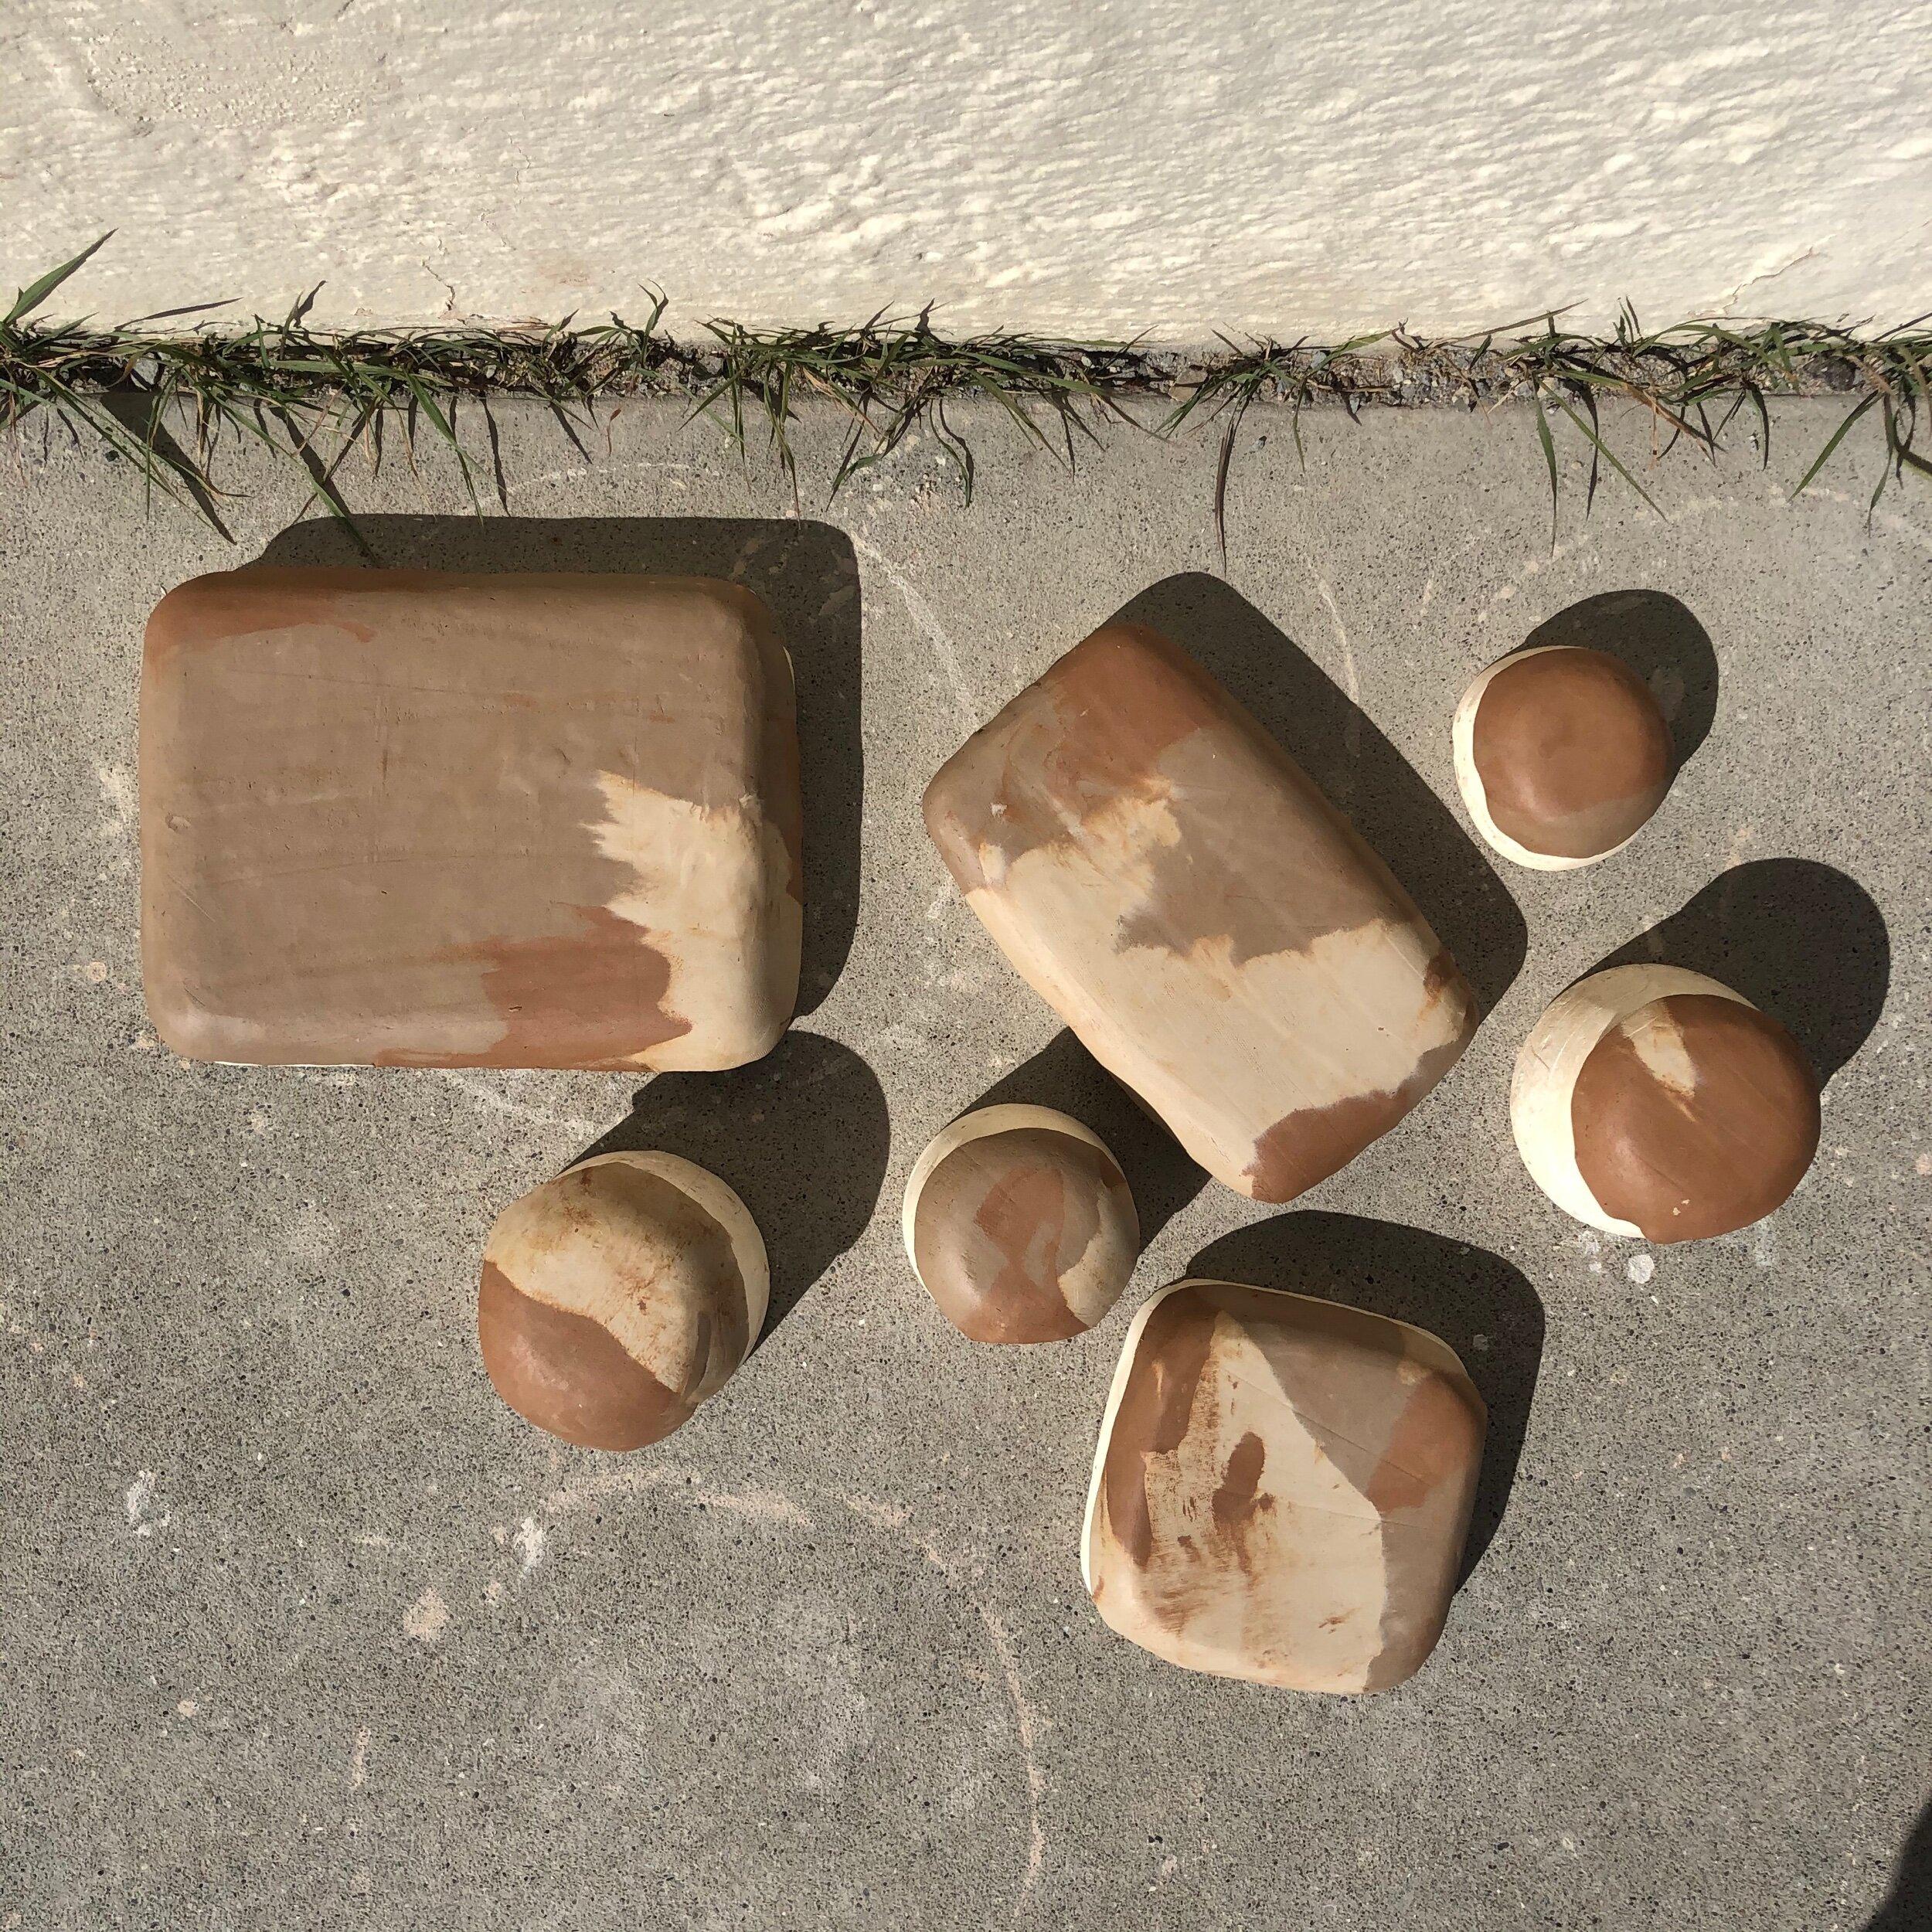 jordan_kushins_ceramic_hump_molds.jpeg